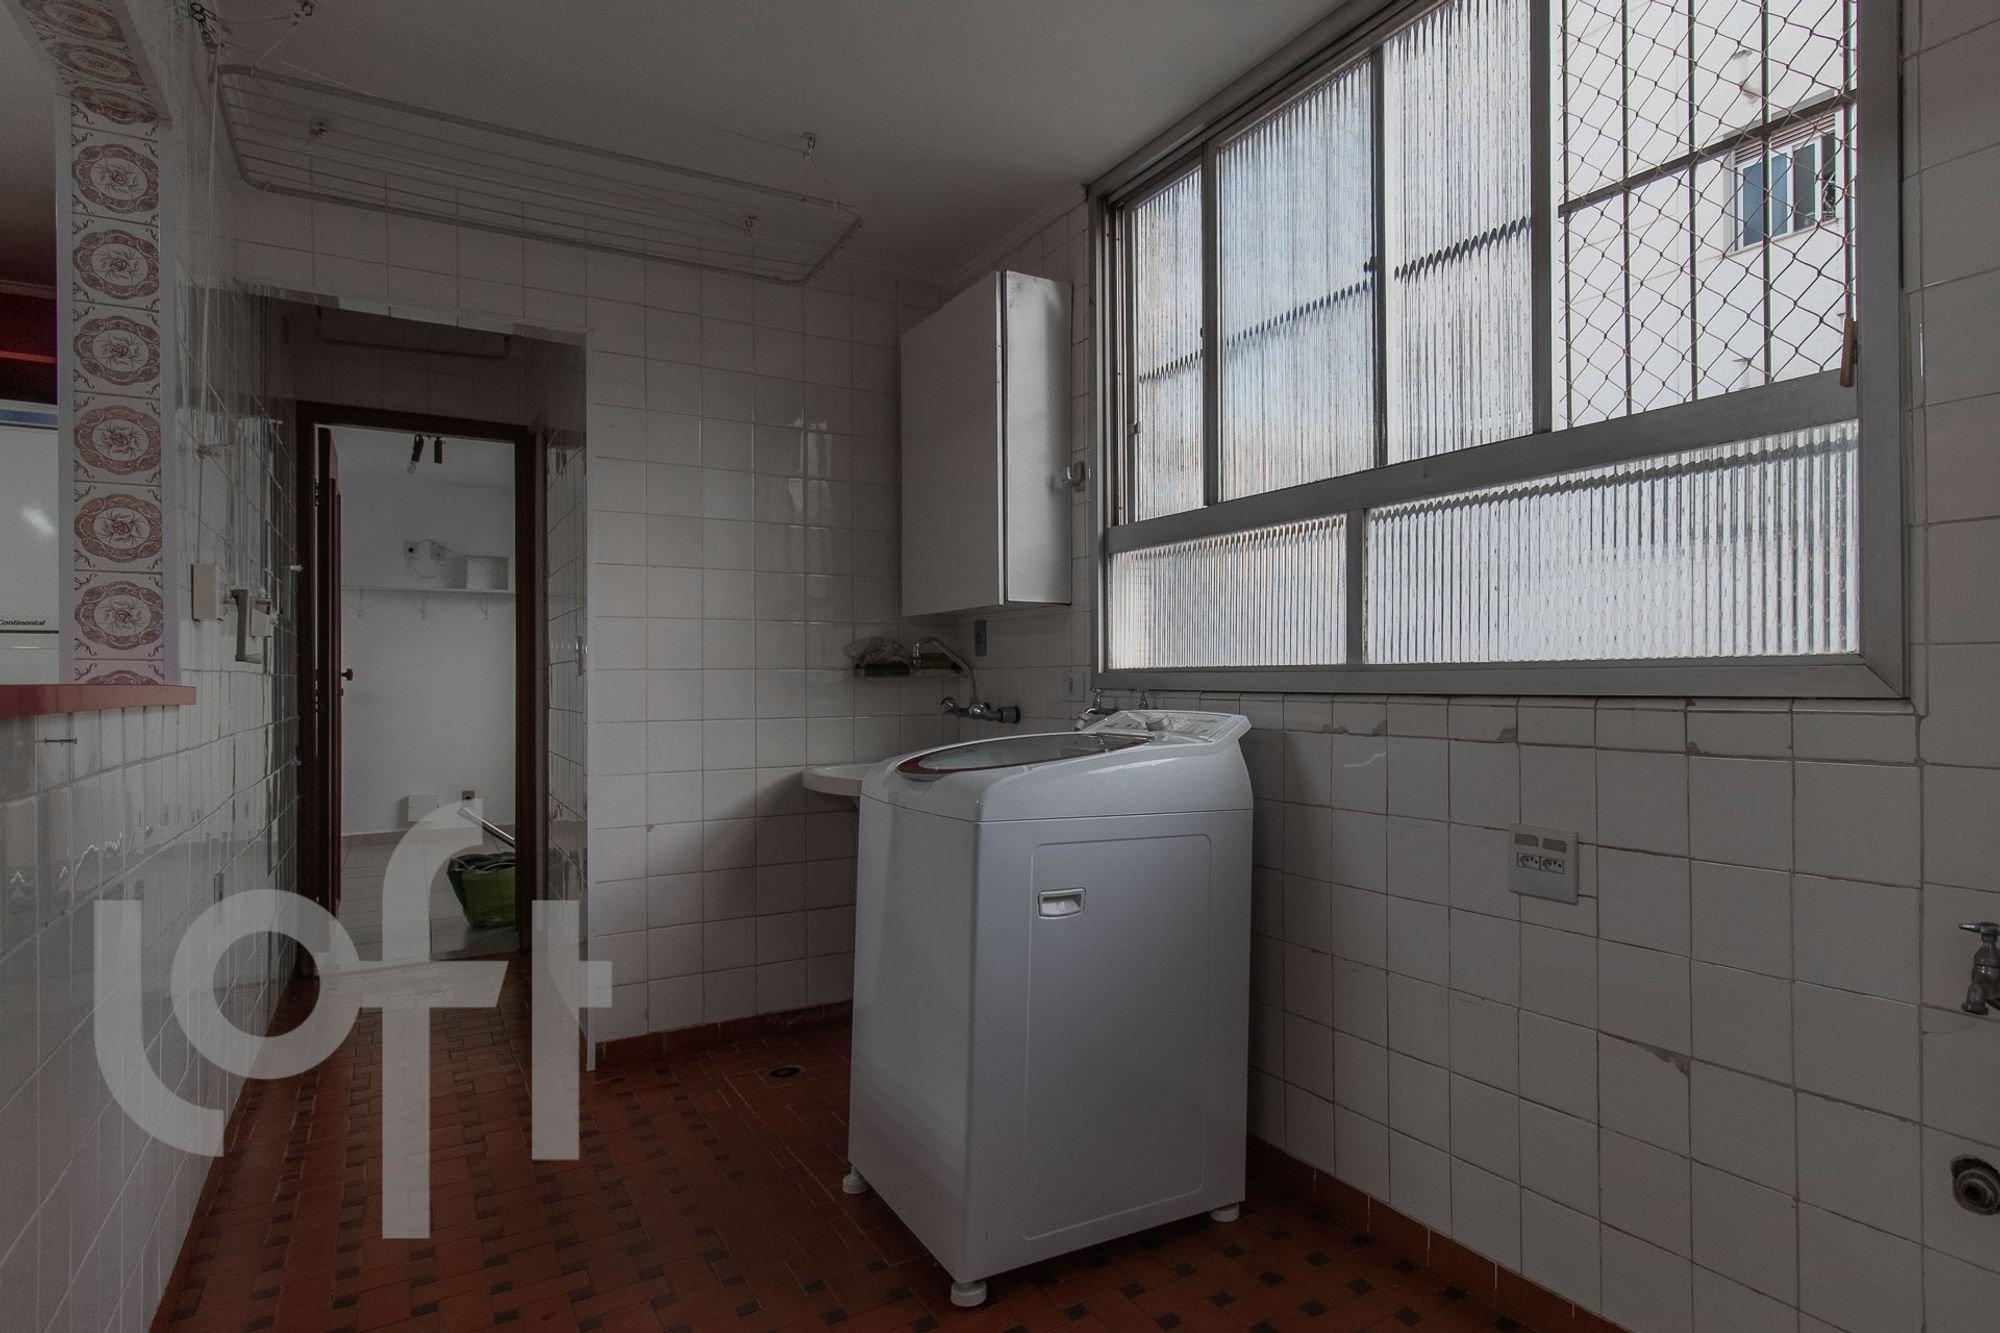 Foto de Lavanderia com geladeira, pia